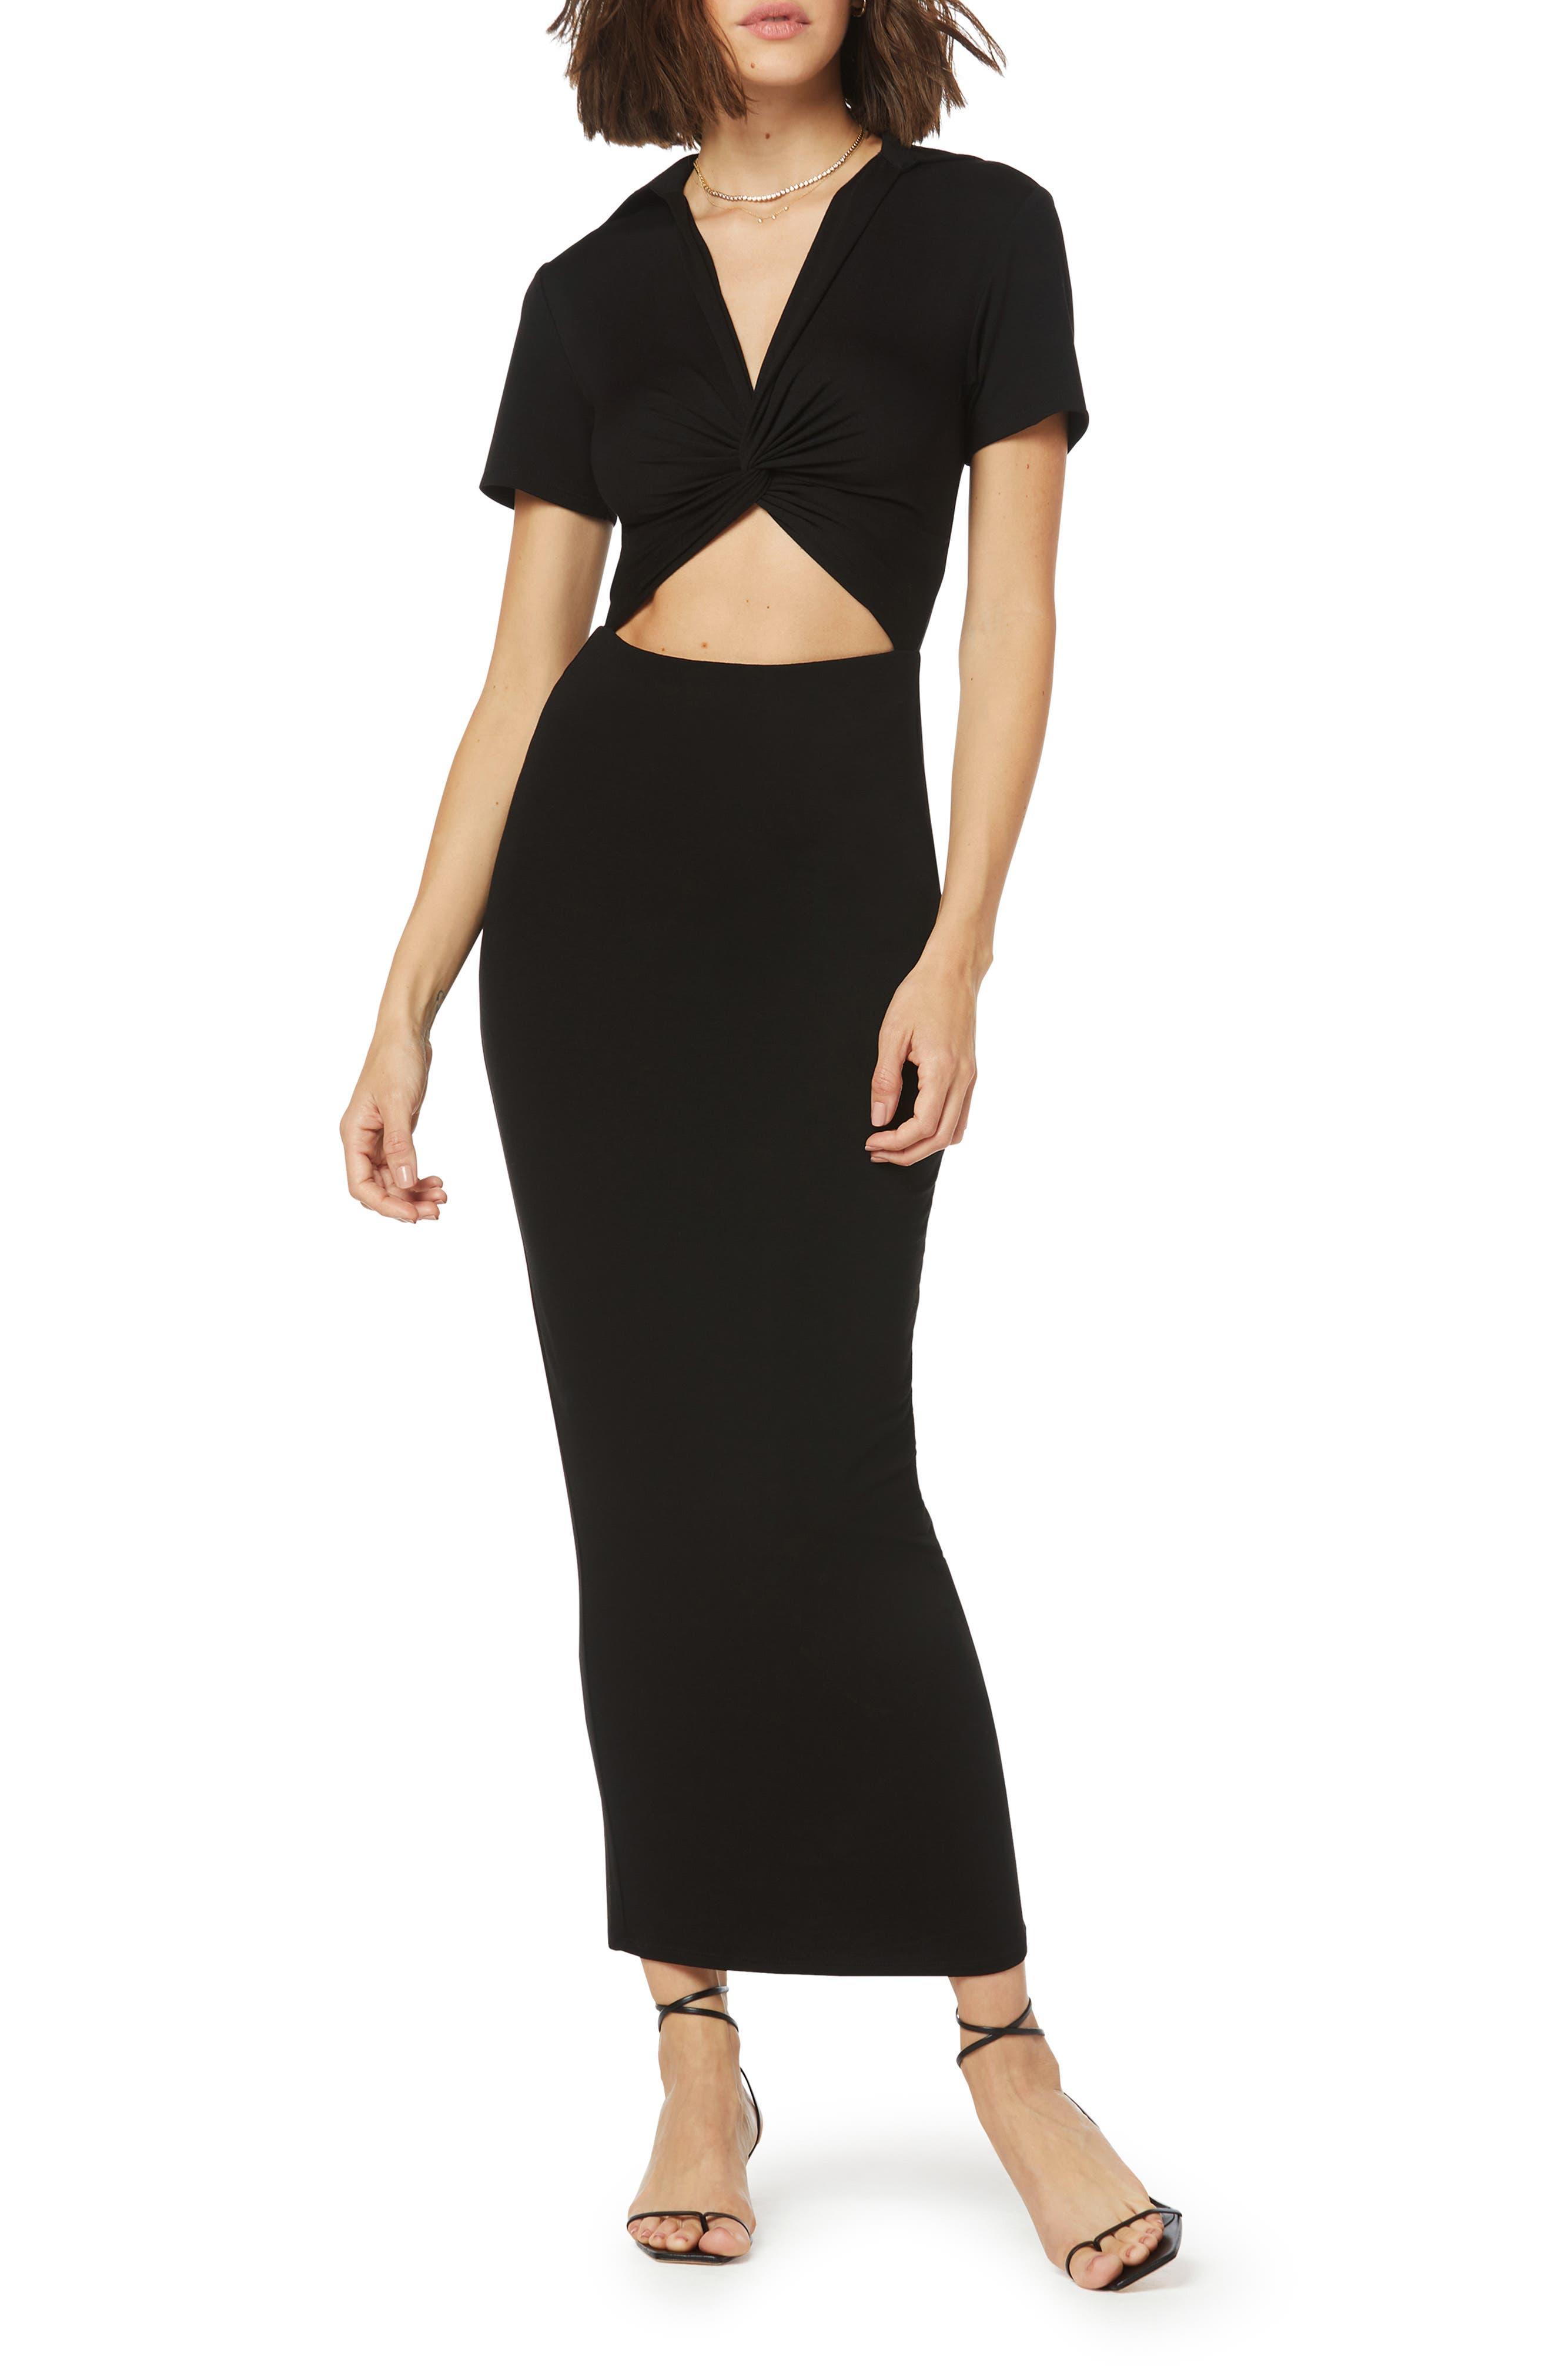 Day To Night Cutout Knit Maxi Dress